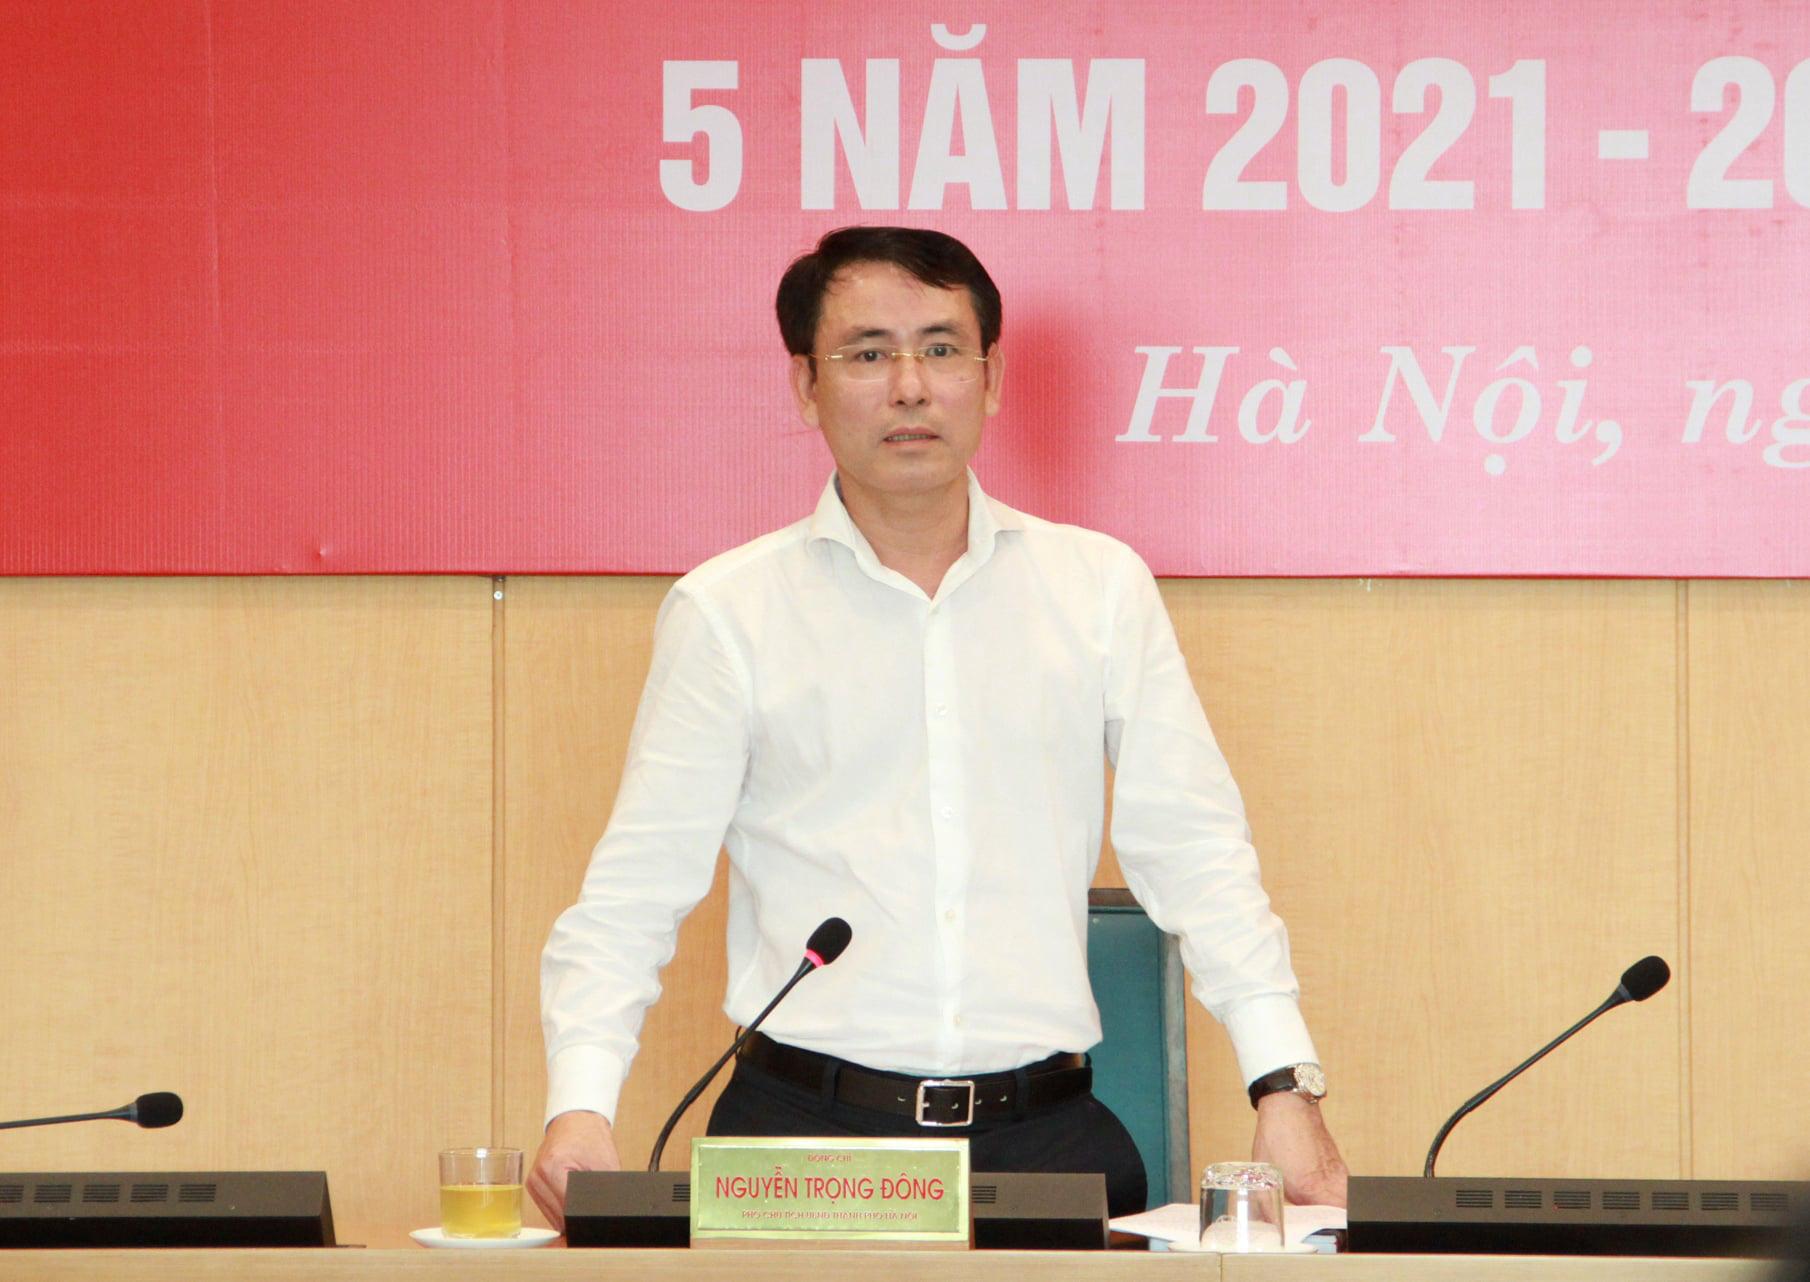 Trong 5 năm tới, Hà Nội sẽ phát triển như thế nào? - Ảnh 6.